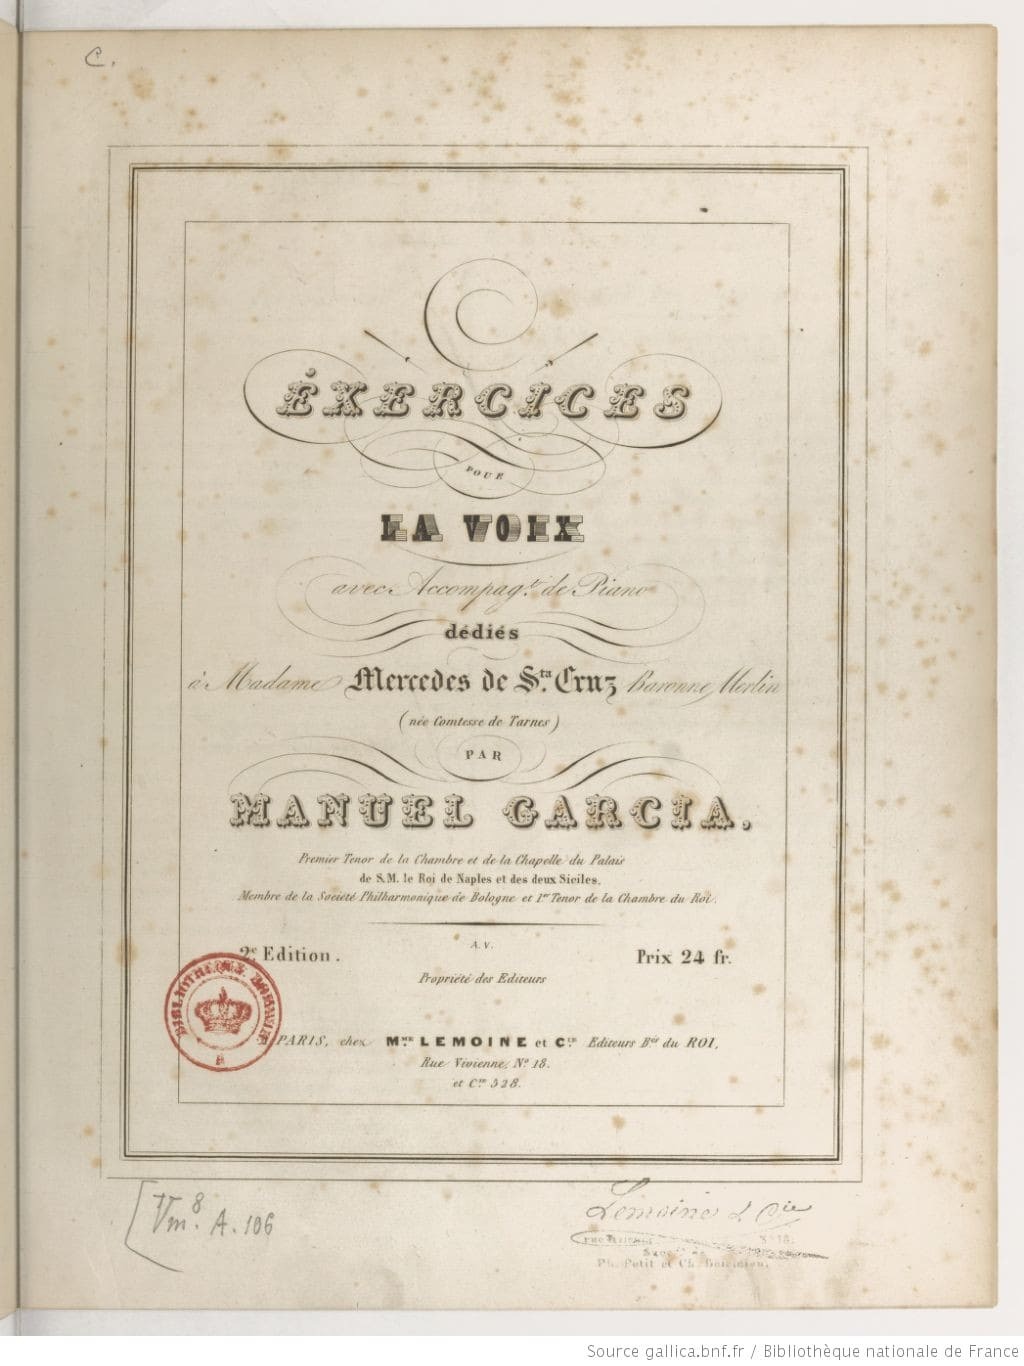 Exercices pour la Voix de Manuel García Enseñanza de Canto